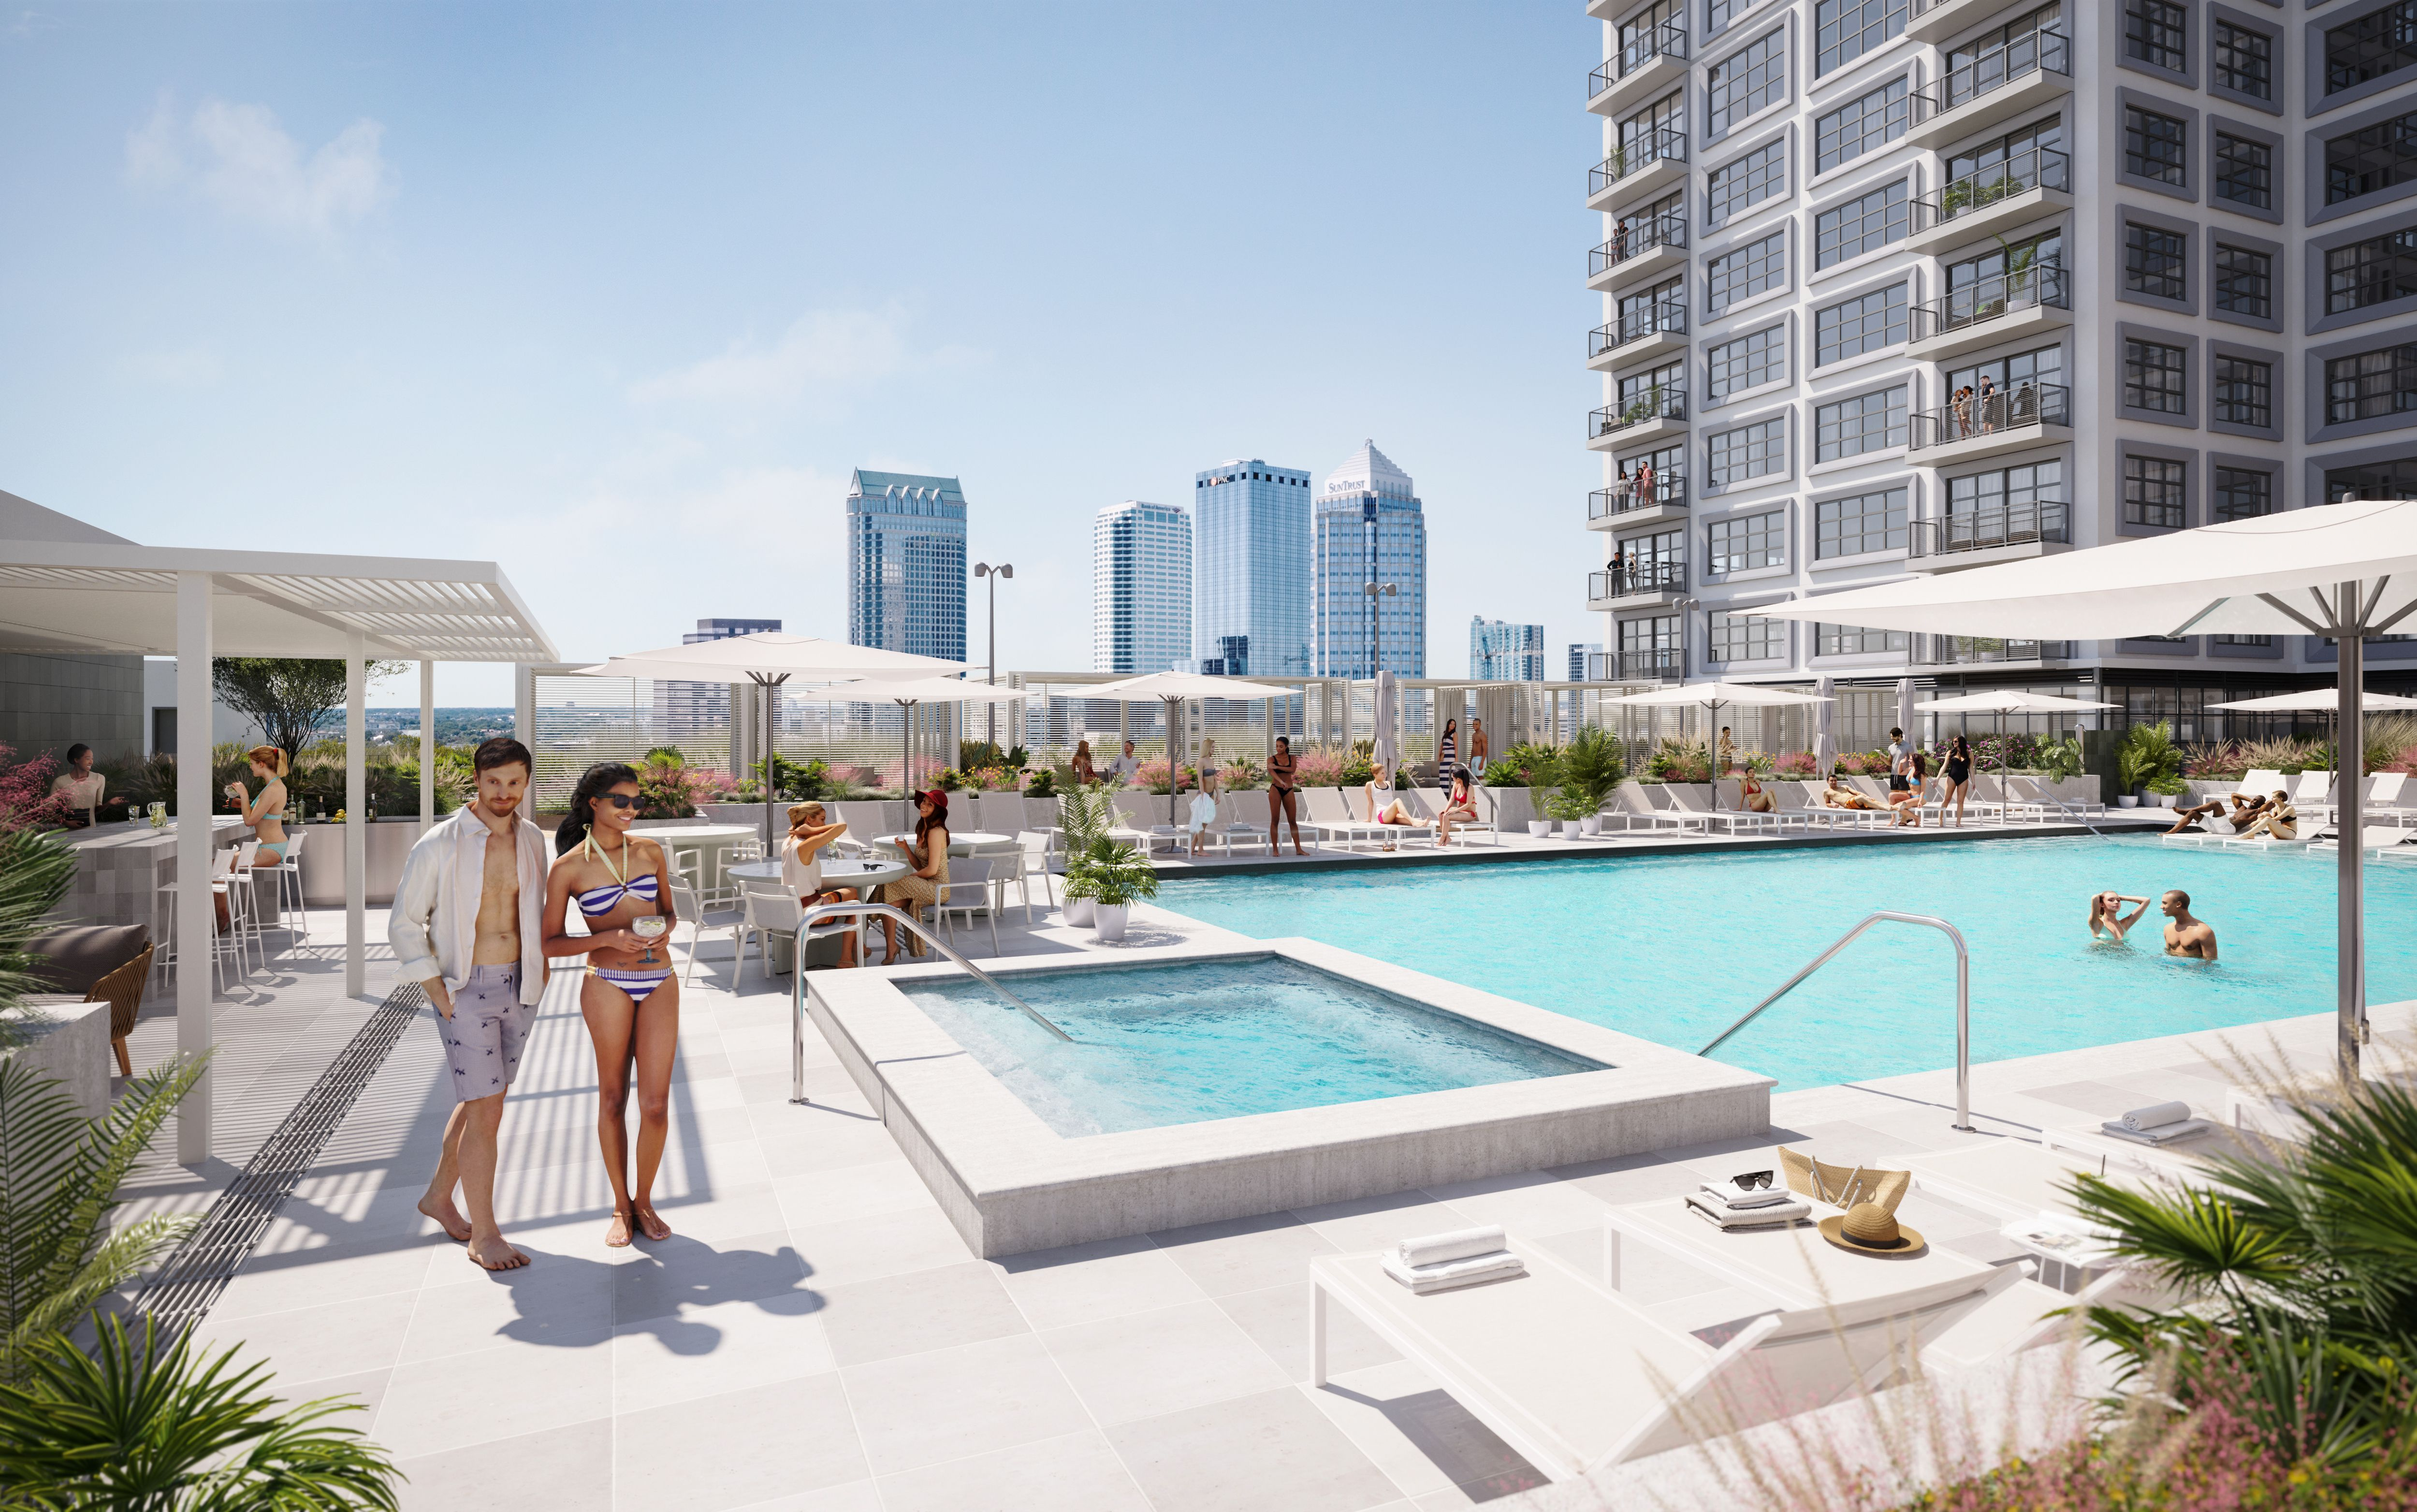 1050 Water Street pool deck